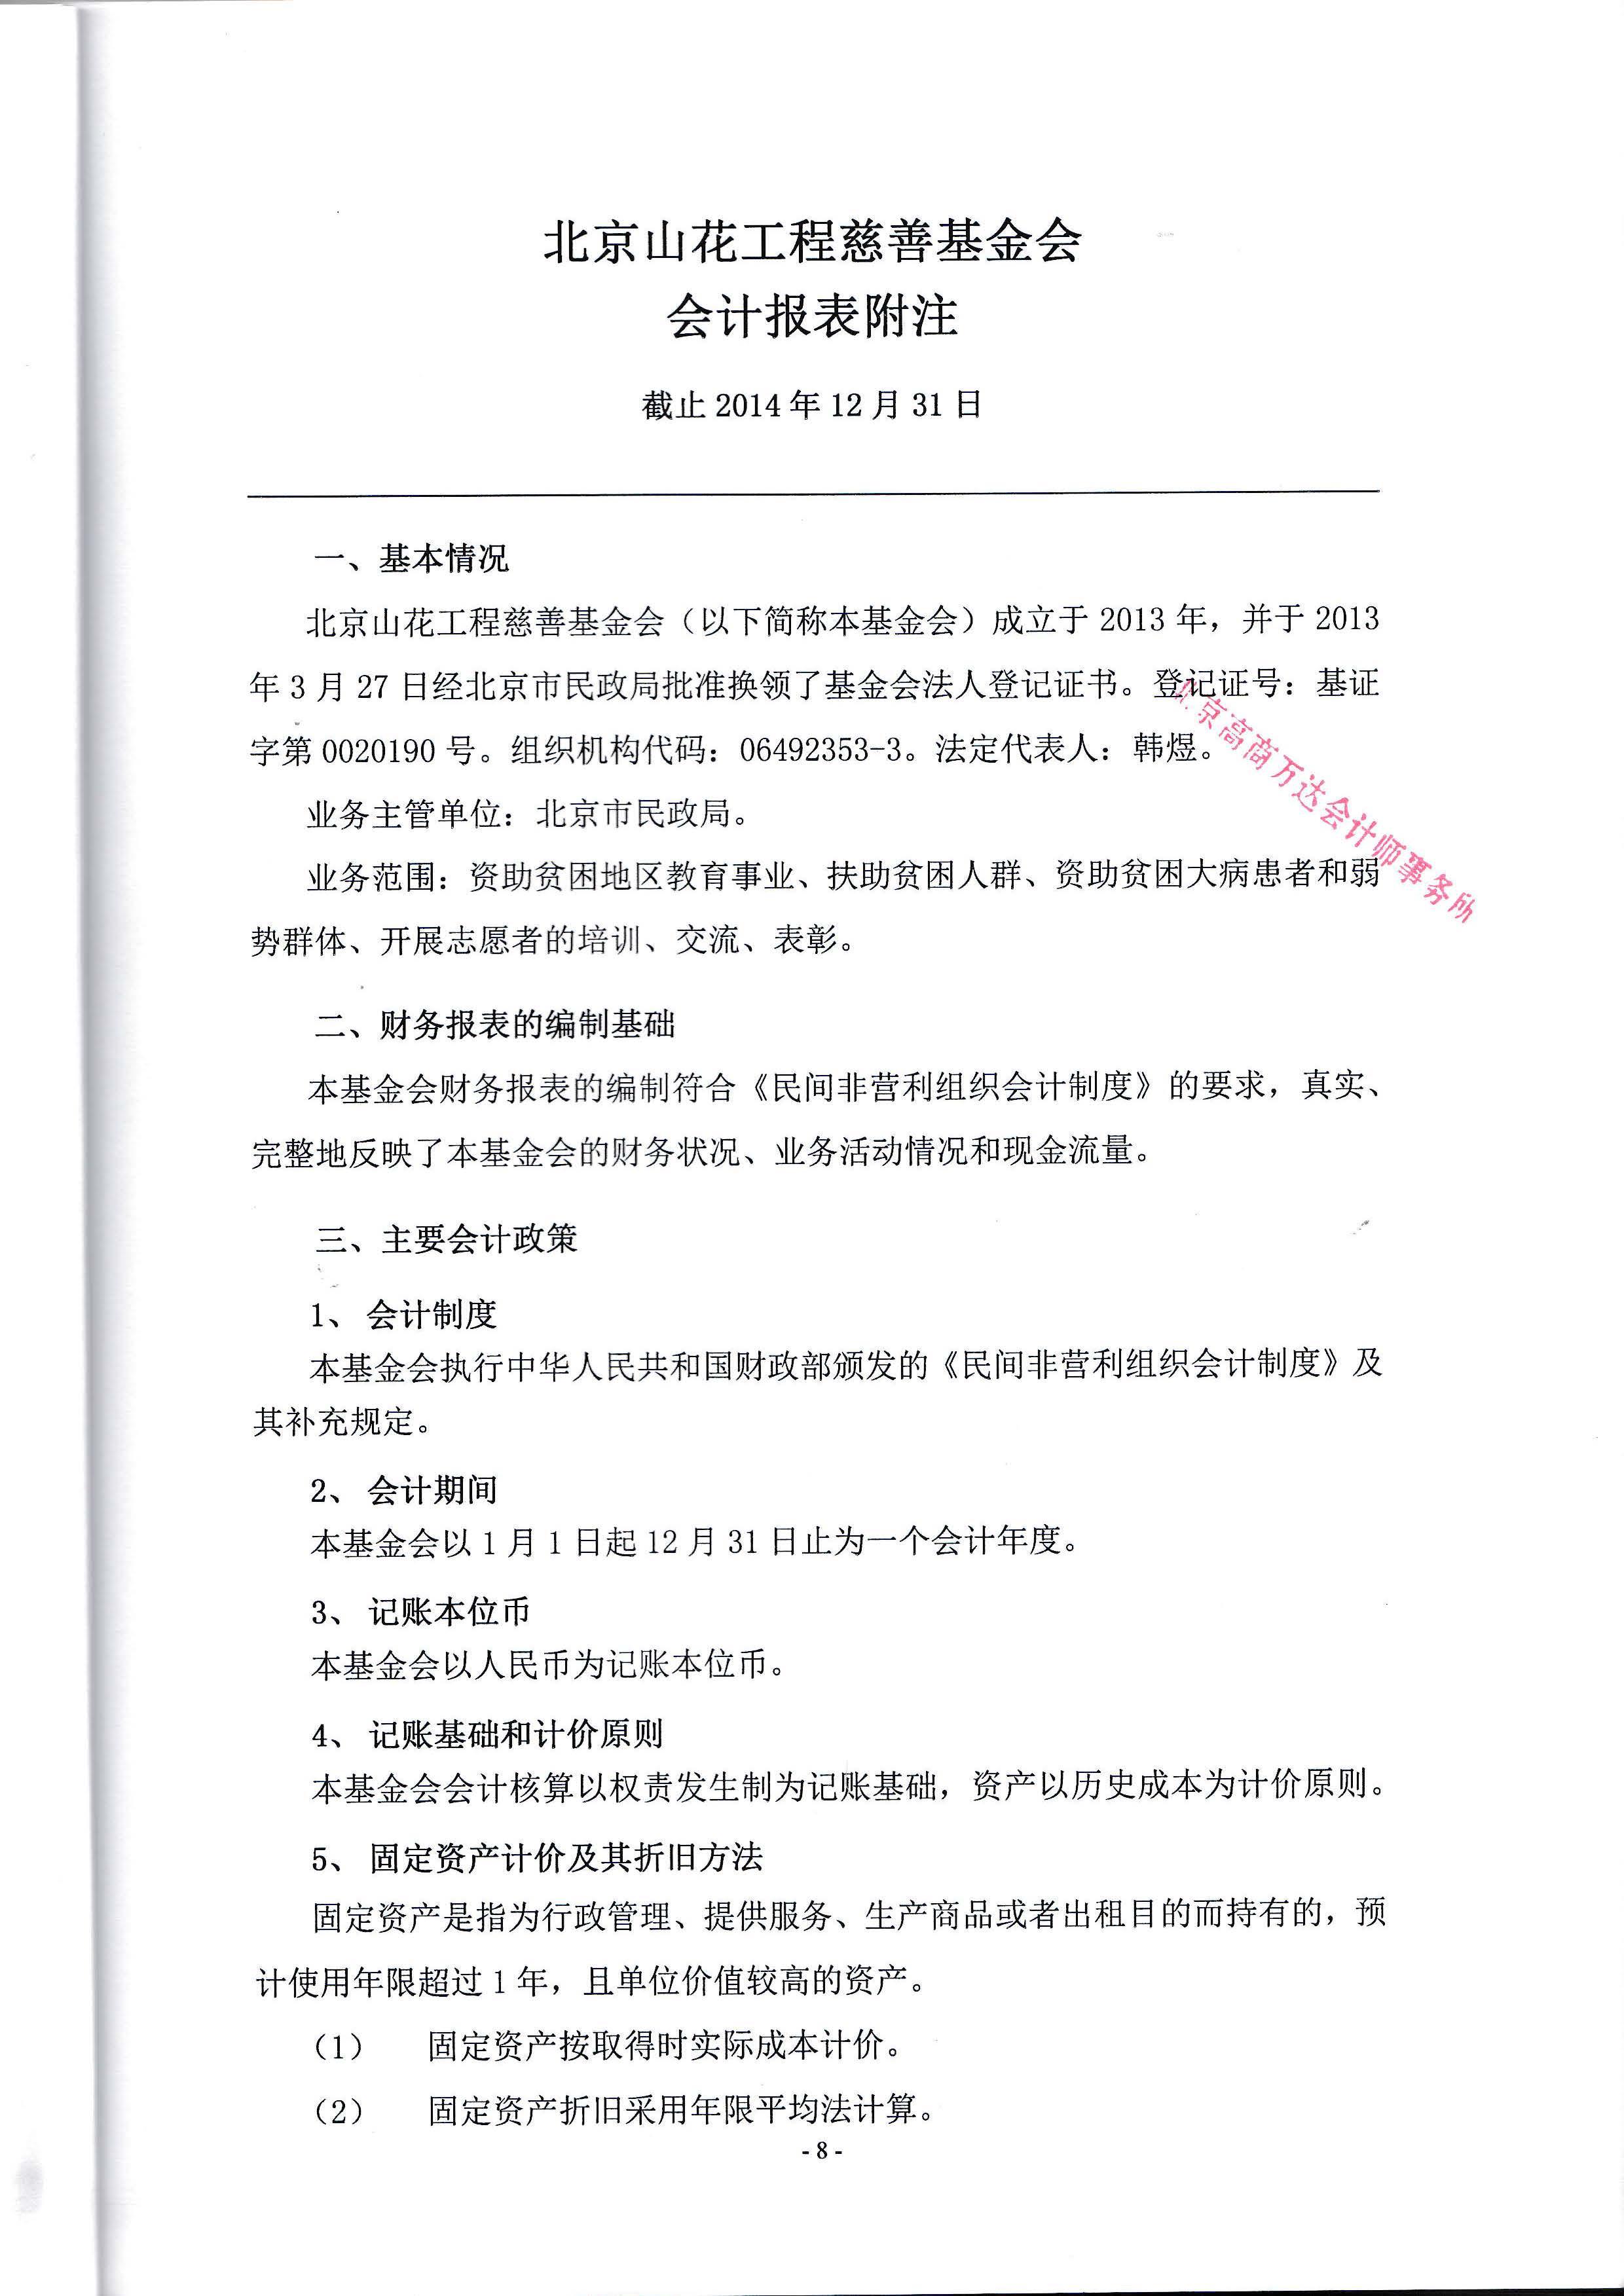 2014年审计报告_页面_10